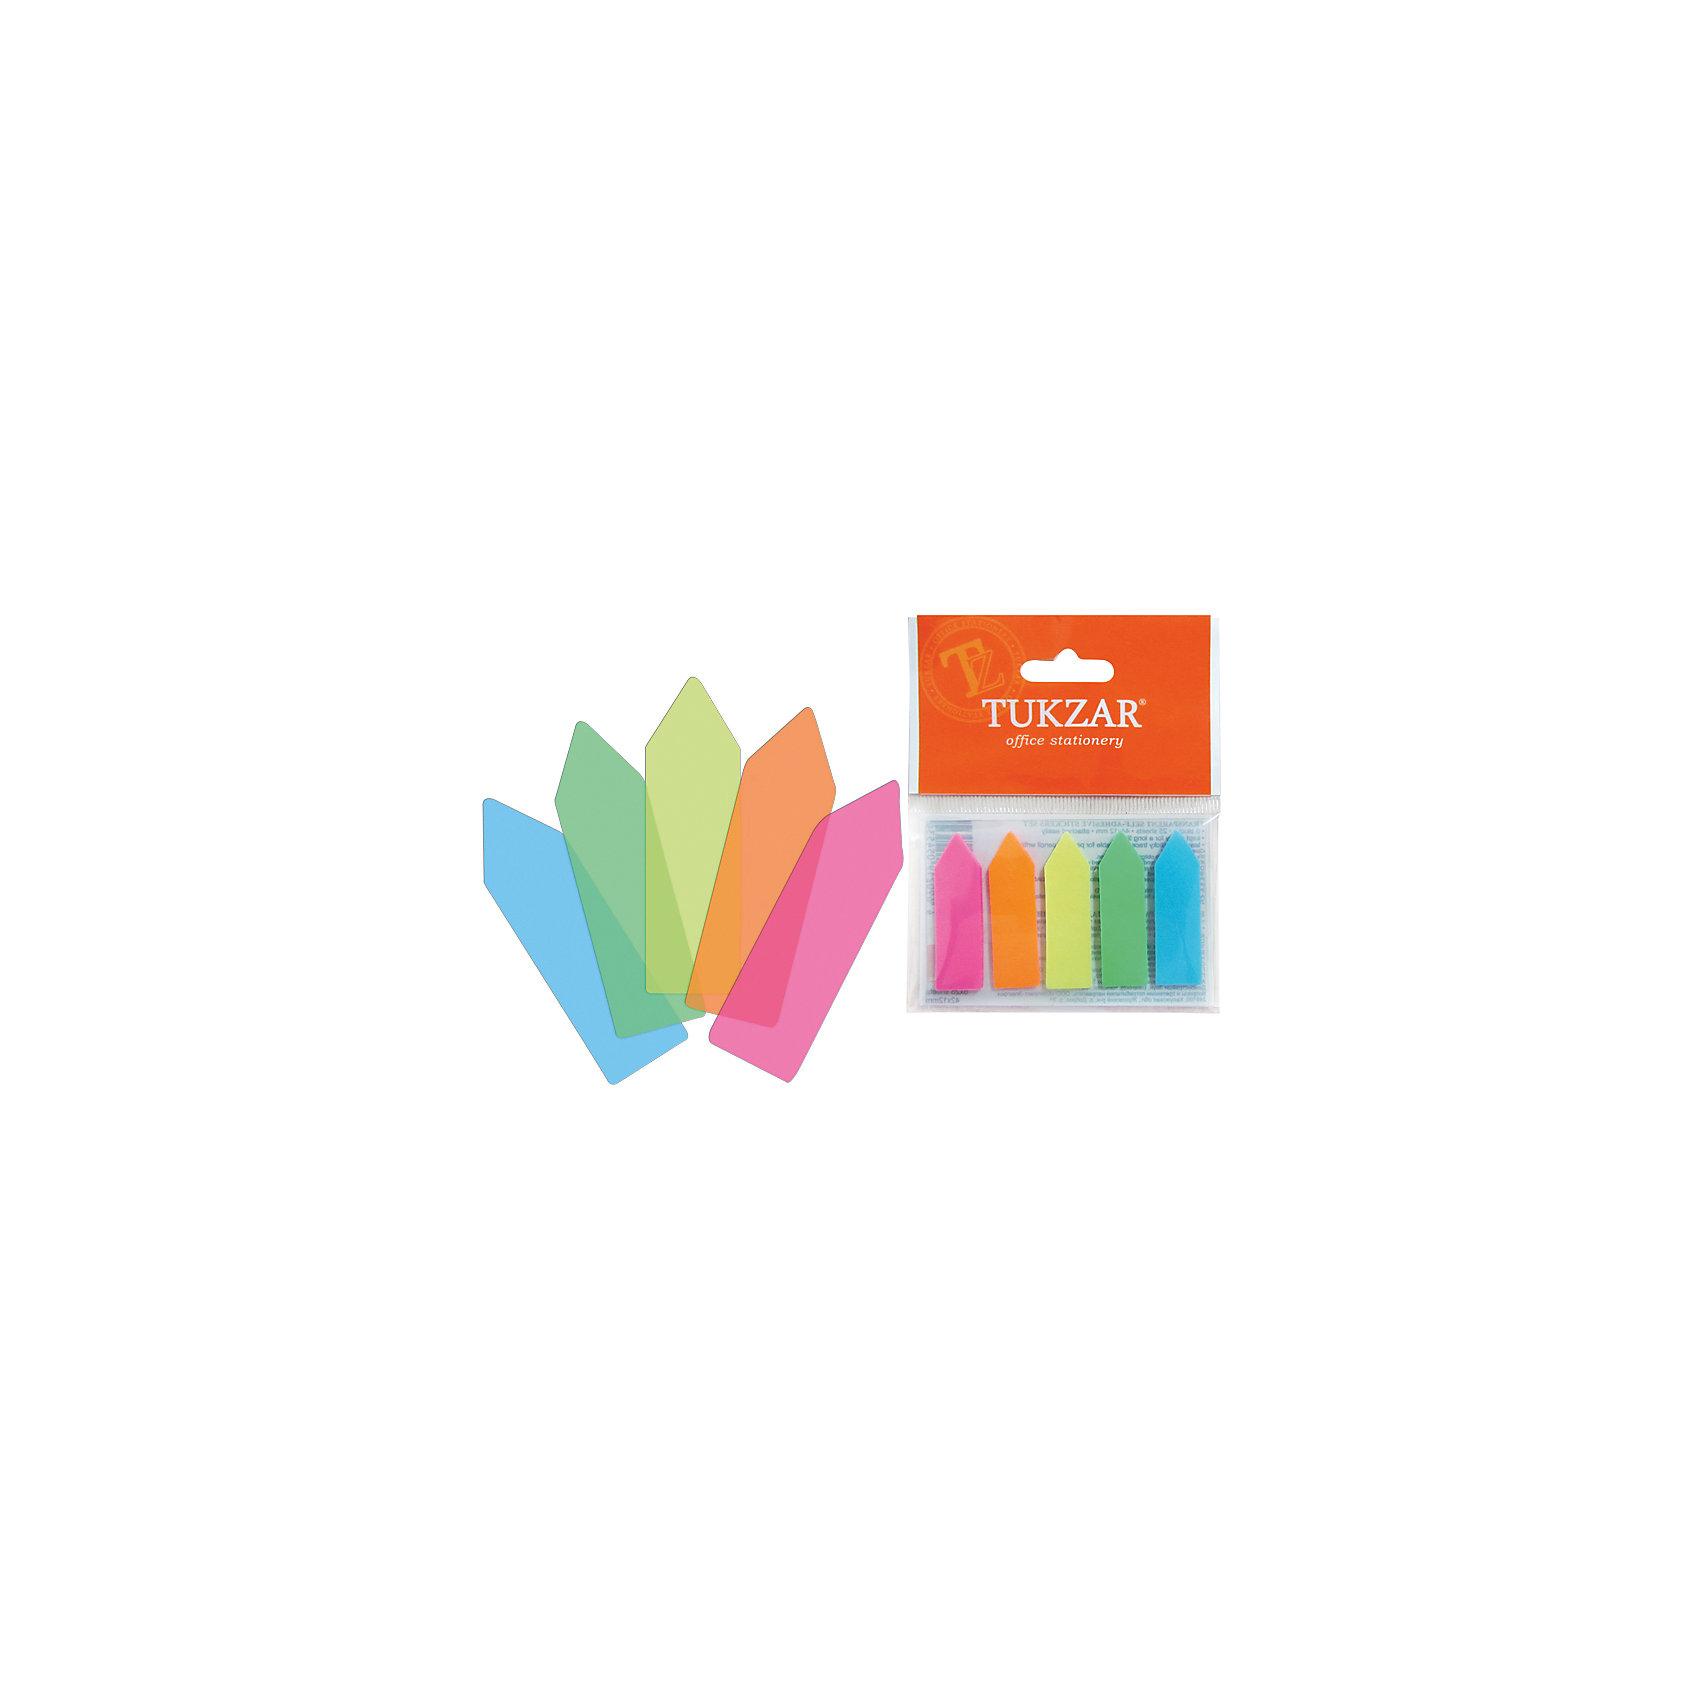 Набор стикеров-разделителей Стрелки 5*25 штСтикеры – отличный помощник для учебы, работы и просто повседневной жизни. Во время подготовки к школе важно уделить внимание каждой мелочи. Если в списке предметов для учебы есть стикеры, то стоит обратить внимание на стикеры – разделители «Стрелки». Яркие цвета и качественный материал – визитная карточка модели. Клеевой слой достаточно прочный для крепления листов, но при этом легко открепляется, не оставляя при этом следов. Все материалы, использованные при изготовлении, отвечают международным требованиям по качеству и безопасности. Модель подходит для детей.<br><br>Дополнительная информация: <br><br>габариты: 44х12мм;<br>количество: 5х25 шт.<br><br>Набор стикеров – разделителей «Стрелки» можно приобрести в нашем магазине.<br><br>Ширина мм: 100<br>Глубина мм: 100<br>Высота мм: 10<br>Вес г: 50<br>Возраст от месяцев: 36<br>Возраст до месяцев: 120<br>Пол: Унисекс<br>Возраст: Детский<br>SKU: 4993539